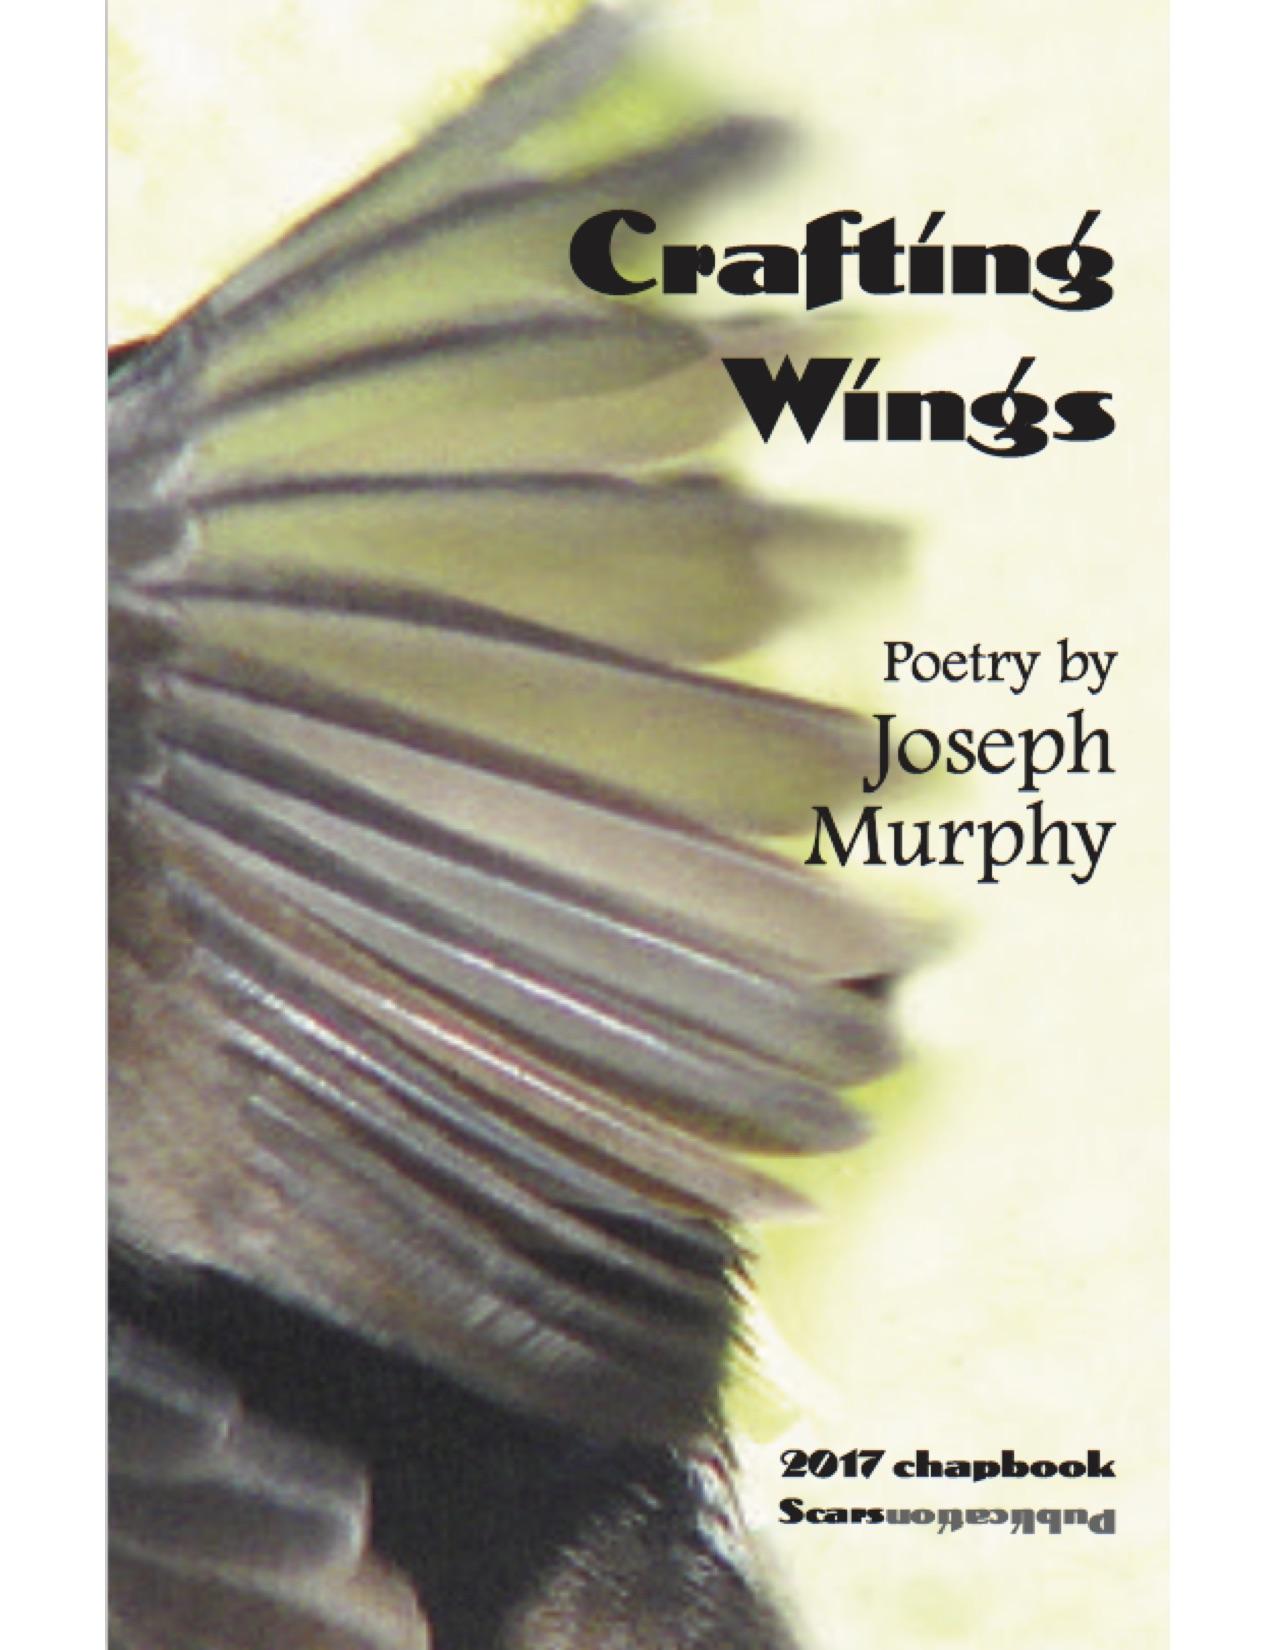 Crafting Wings Cover JPG.jpg